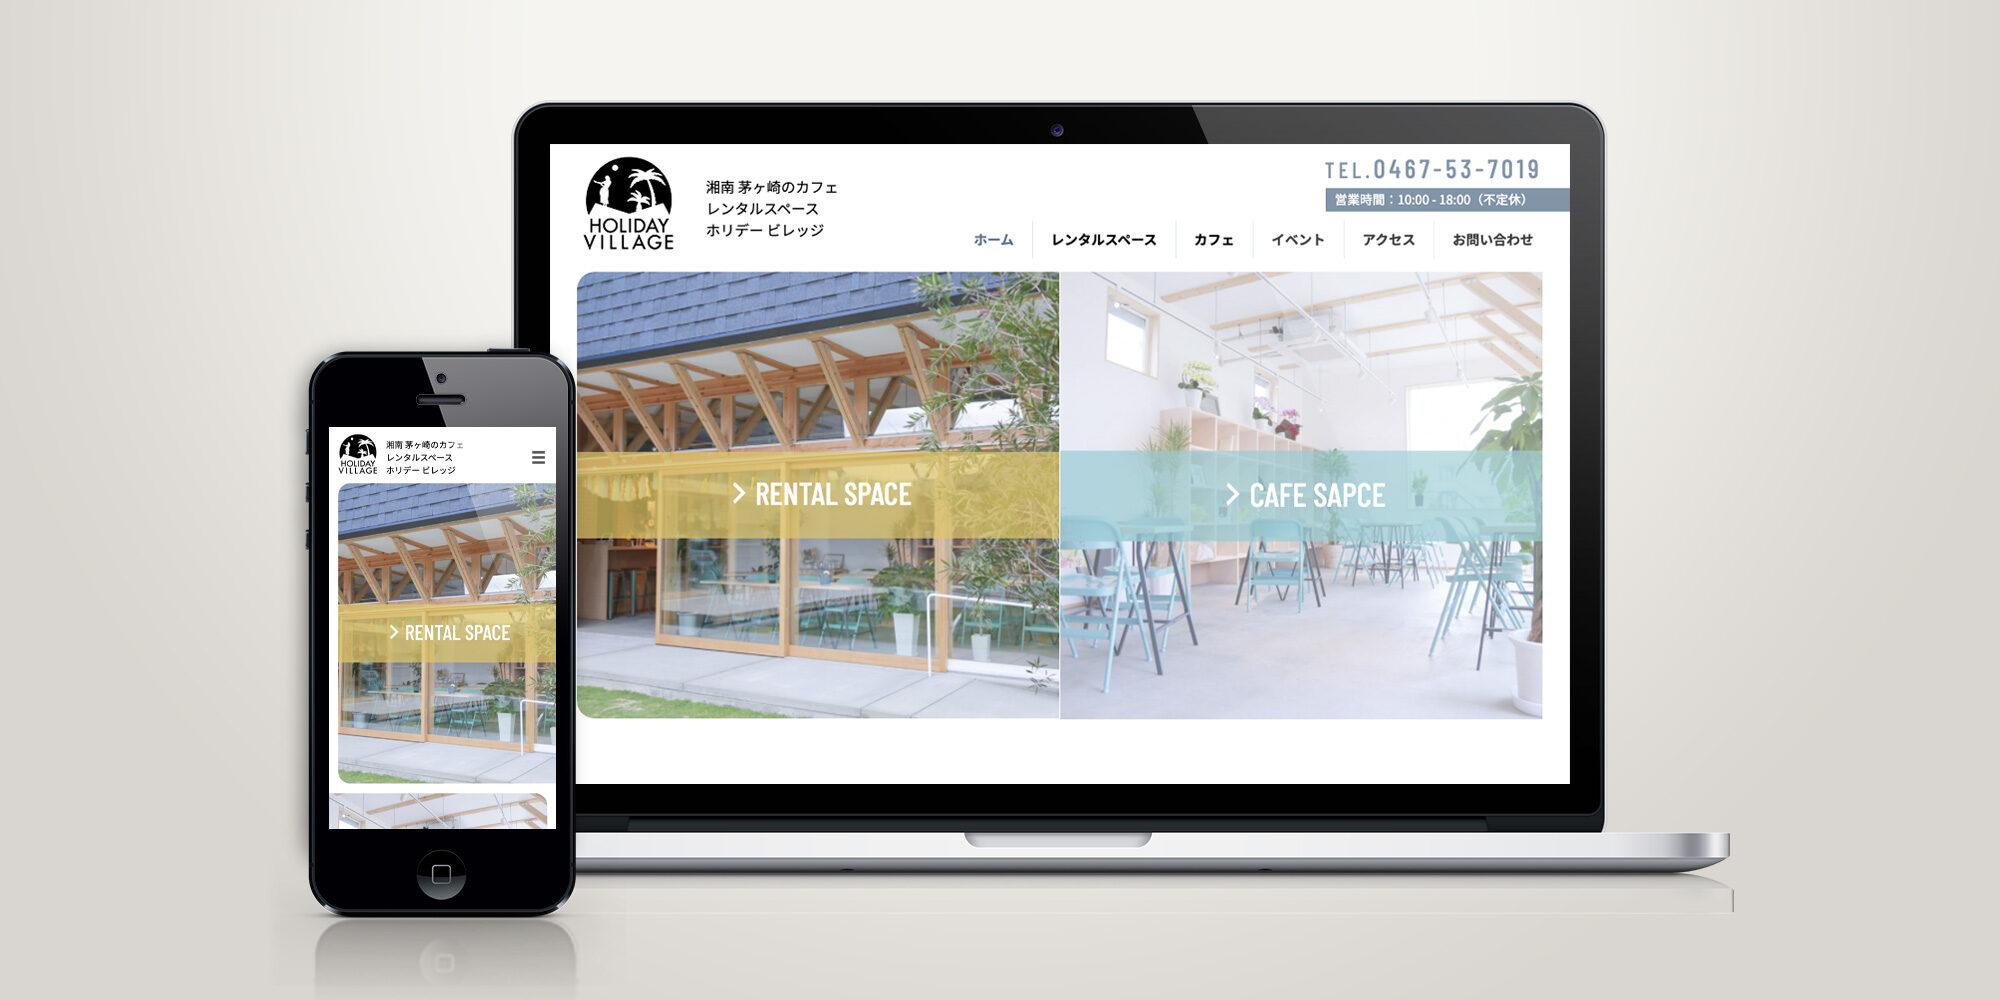 茅ヶ崎 カフェ&レンタルスペース ホリデービレッジ様 webサイト